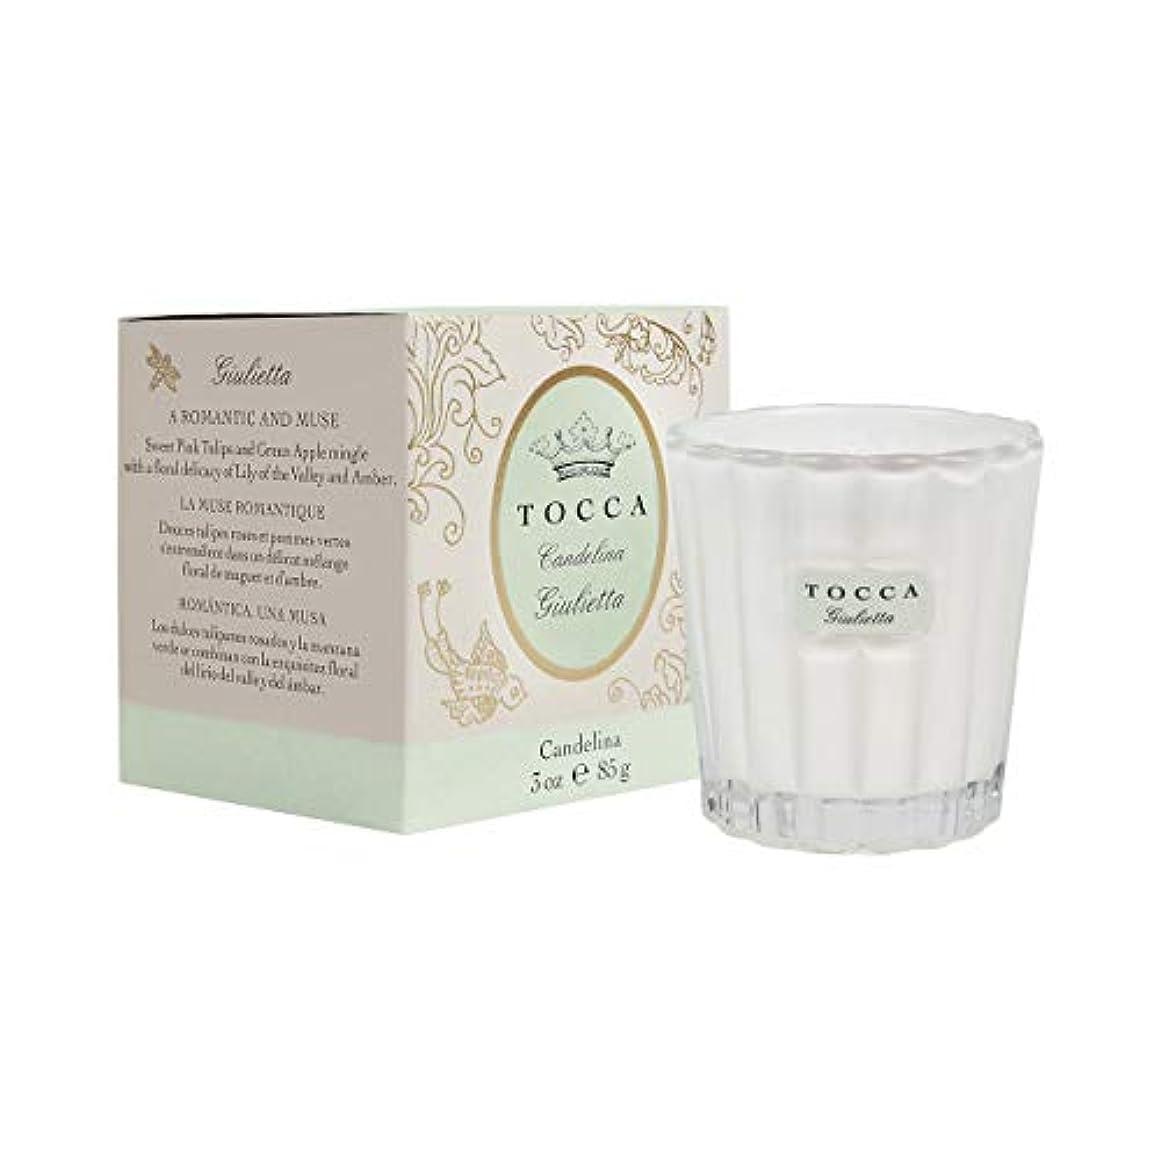 甘美な北周囲トッカ(TOCCA) キャンデリーナ ジュリエッタの香り 約85g (キャンドル ろうそく 爽やかで甘い香り)